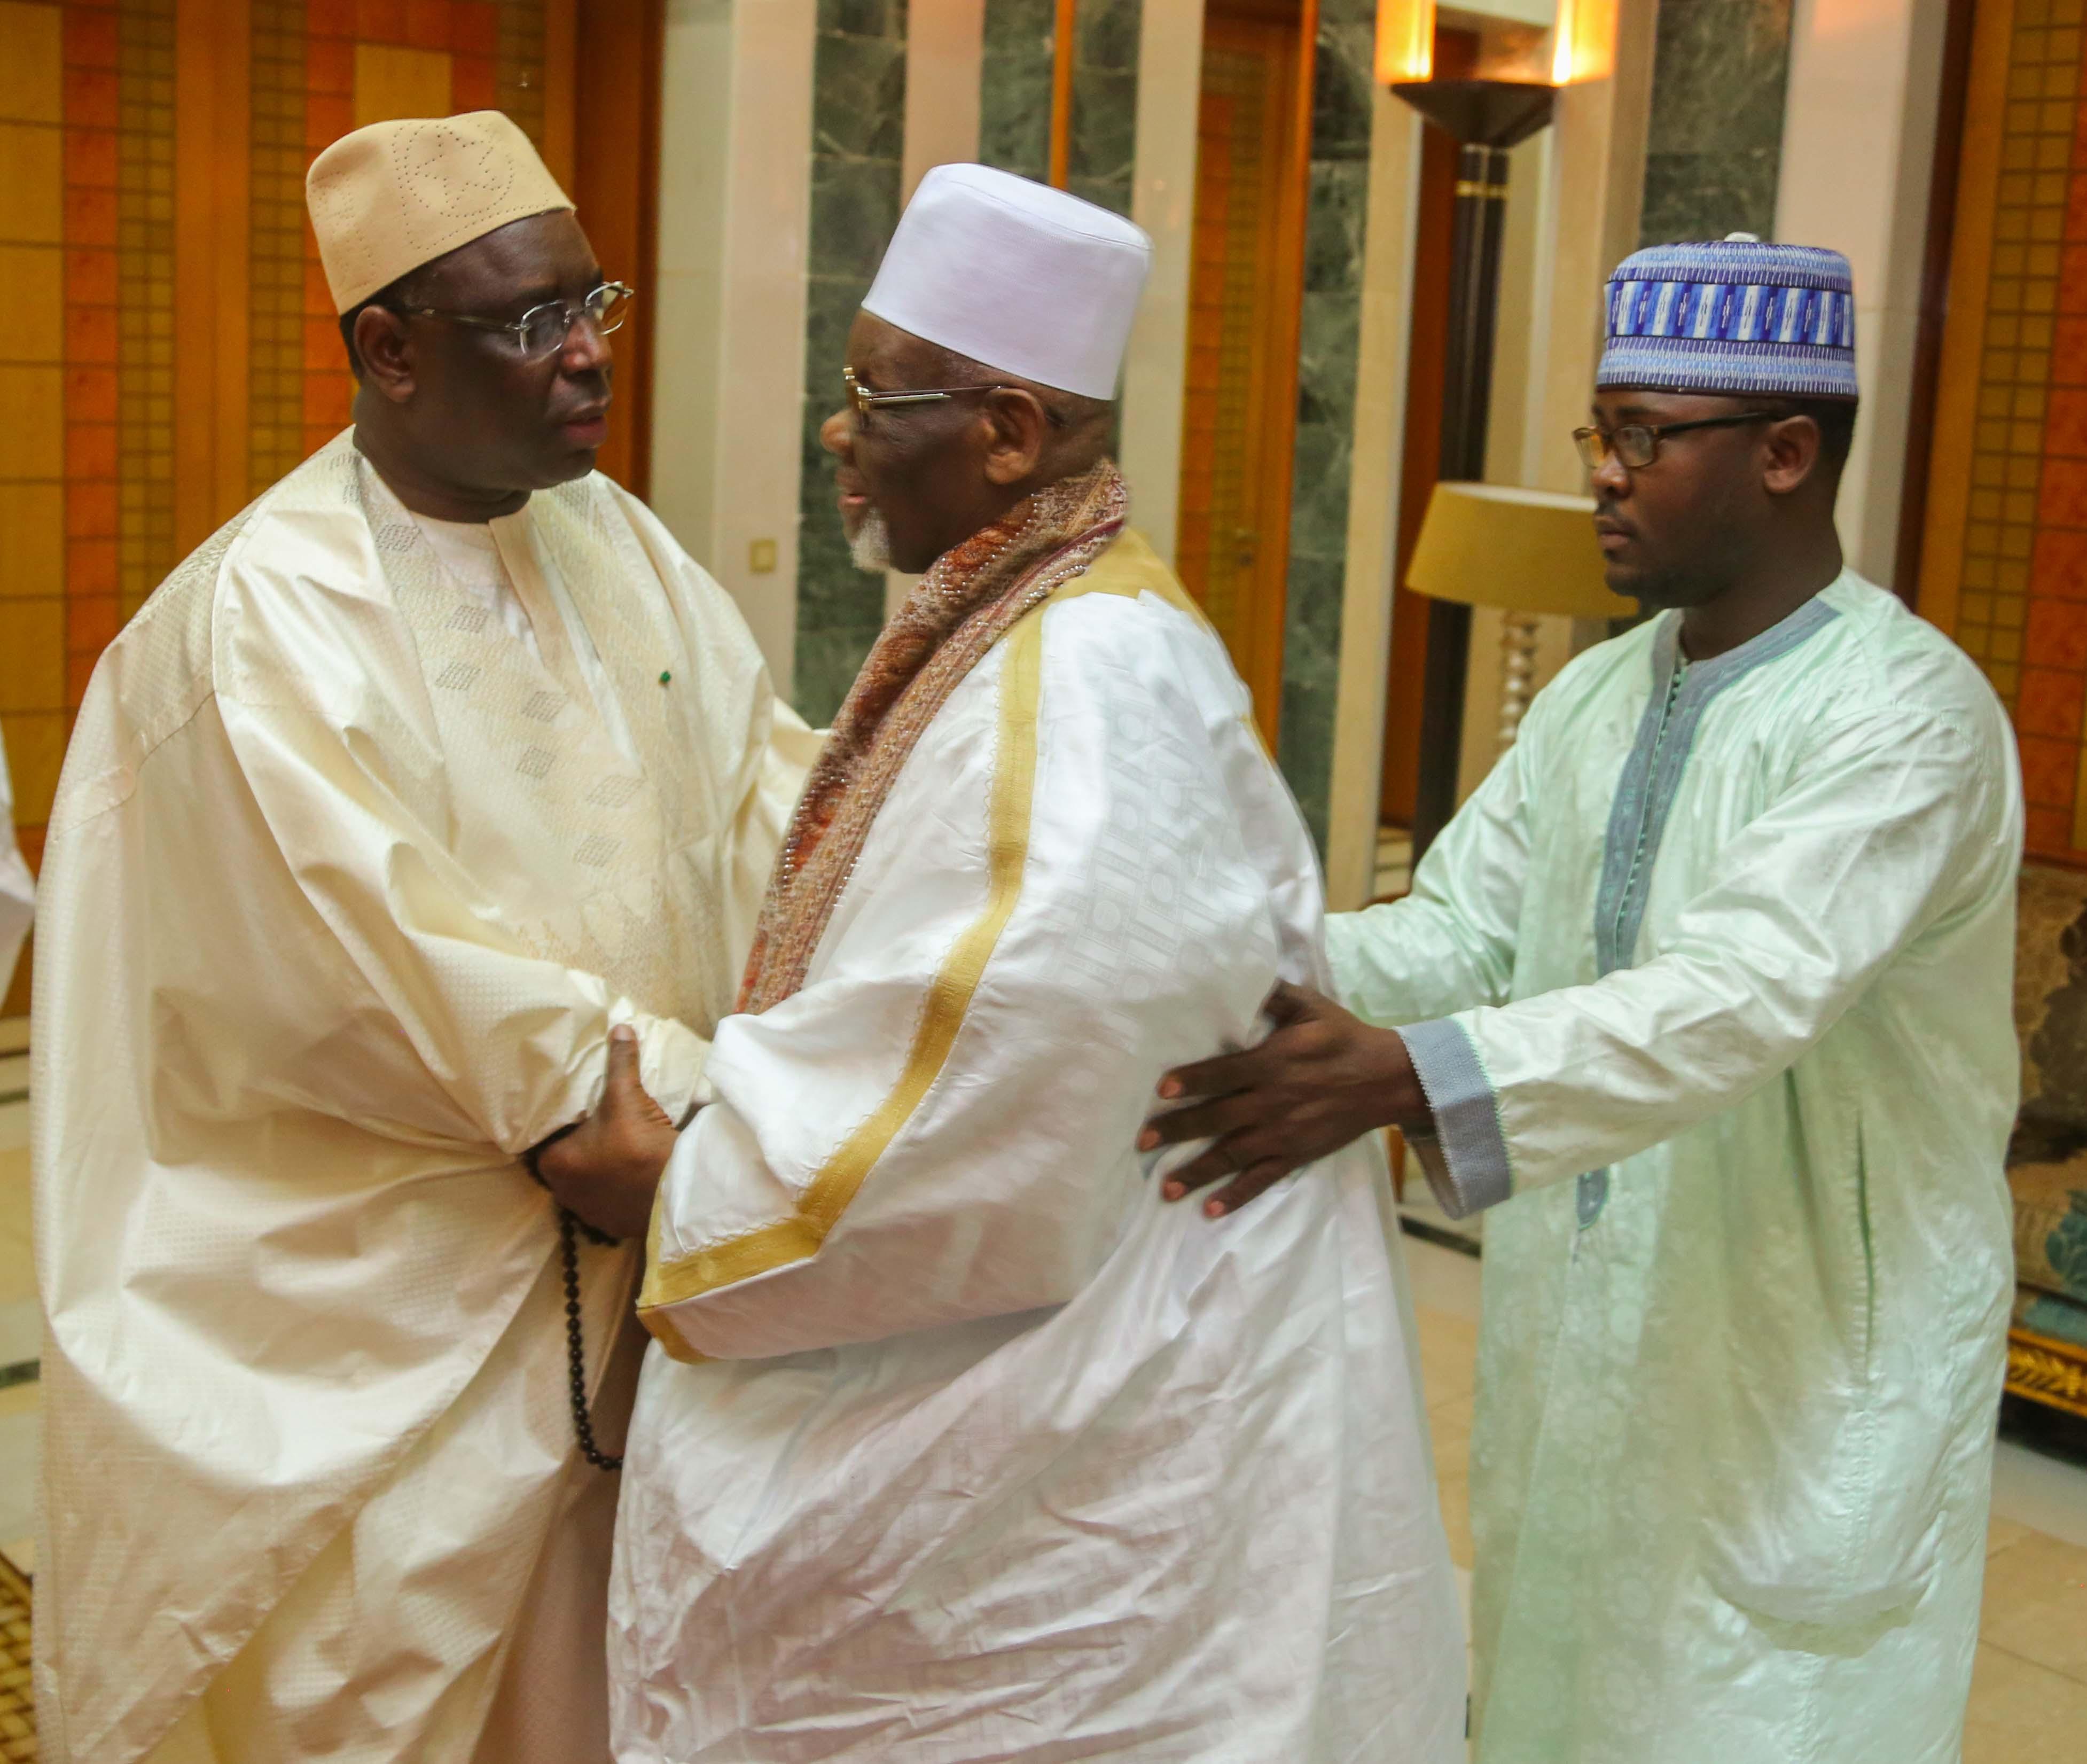 Ouverture de la conférence internationale Islam et Paix : Le Sénégal fier d'accueillir la rencontre, selon le Président Sall